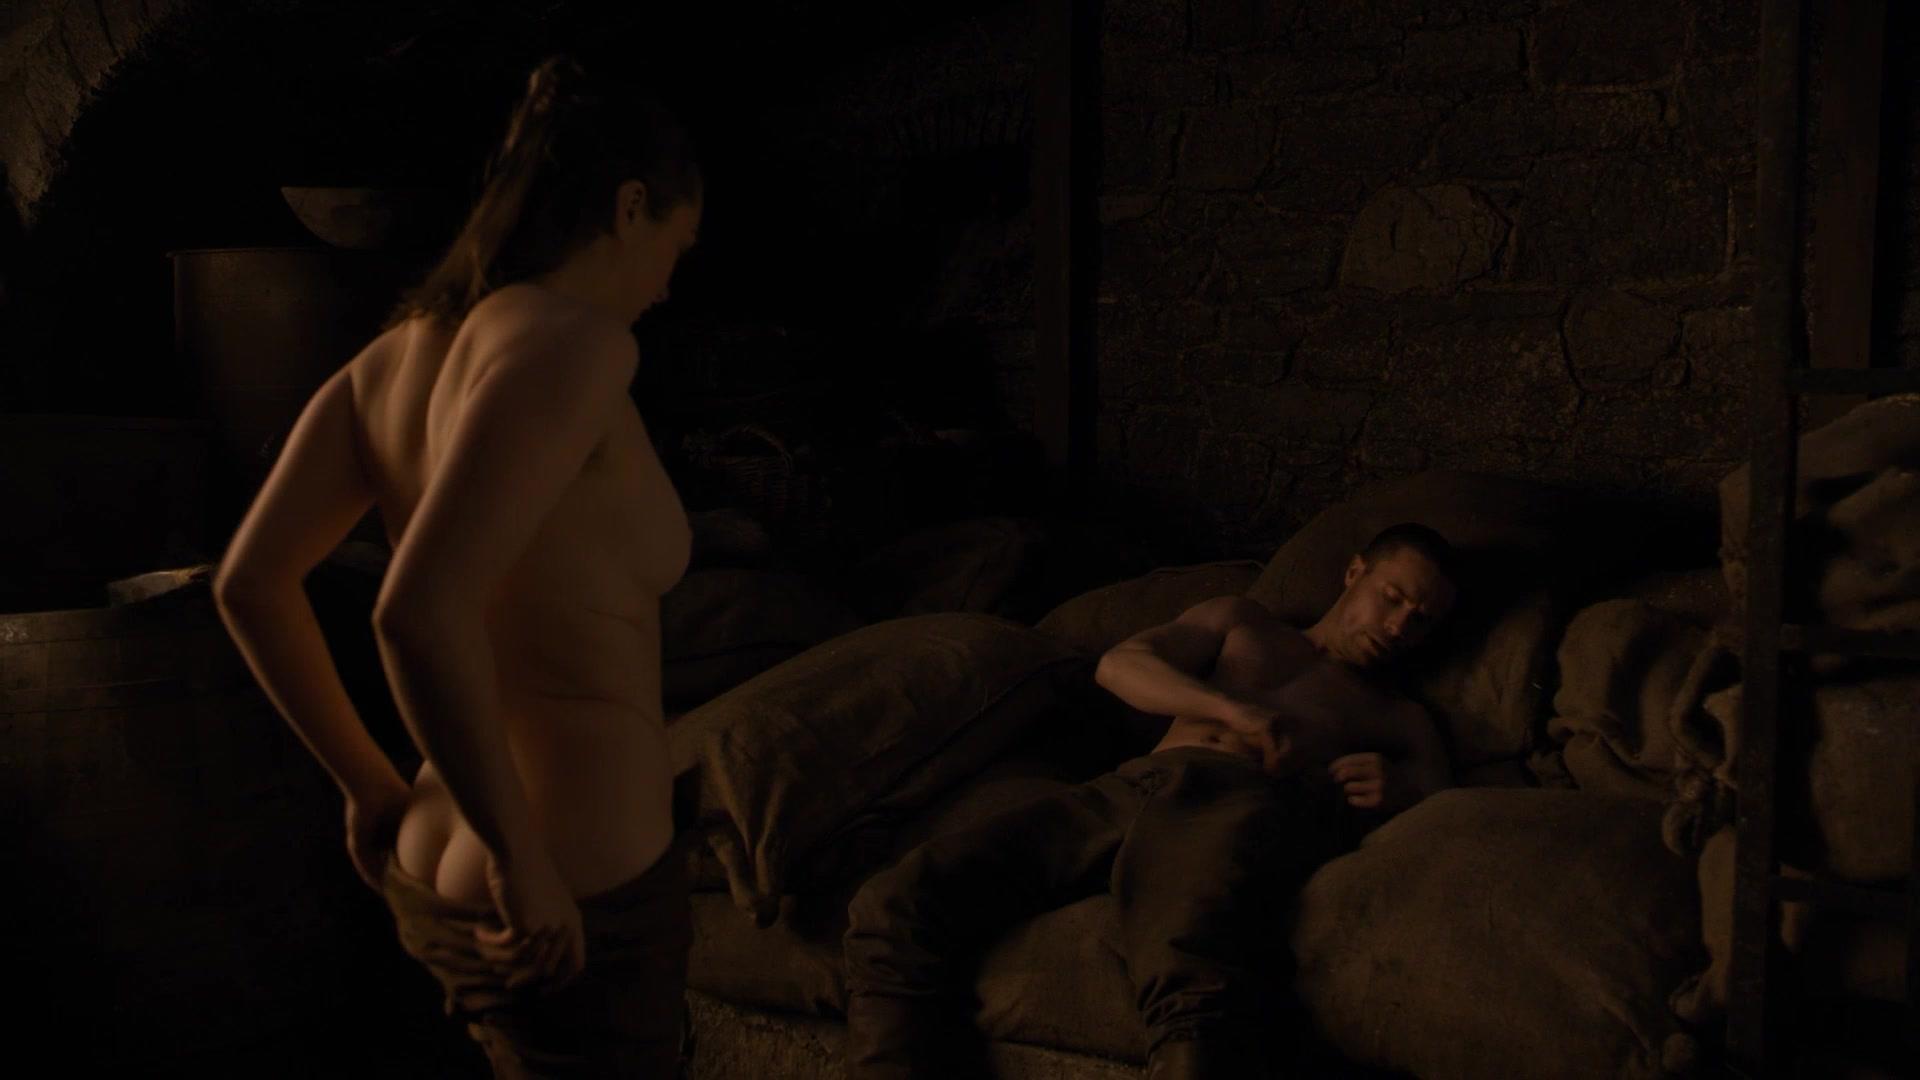 Maisie Williams nude – Game of Thrones s08e02 (2019)